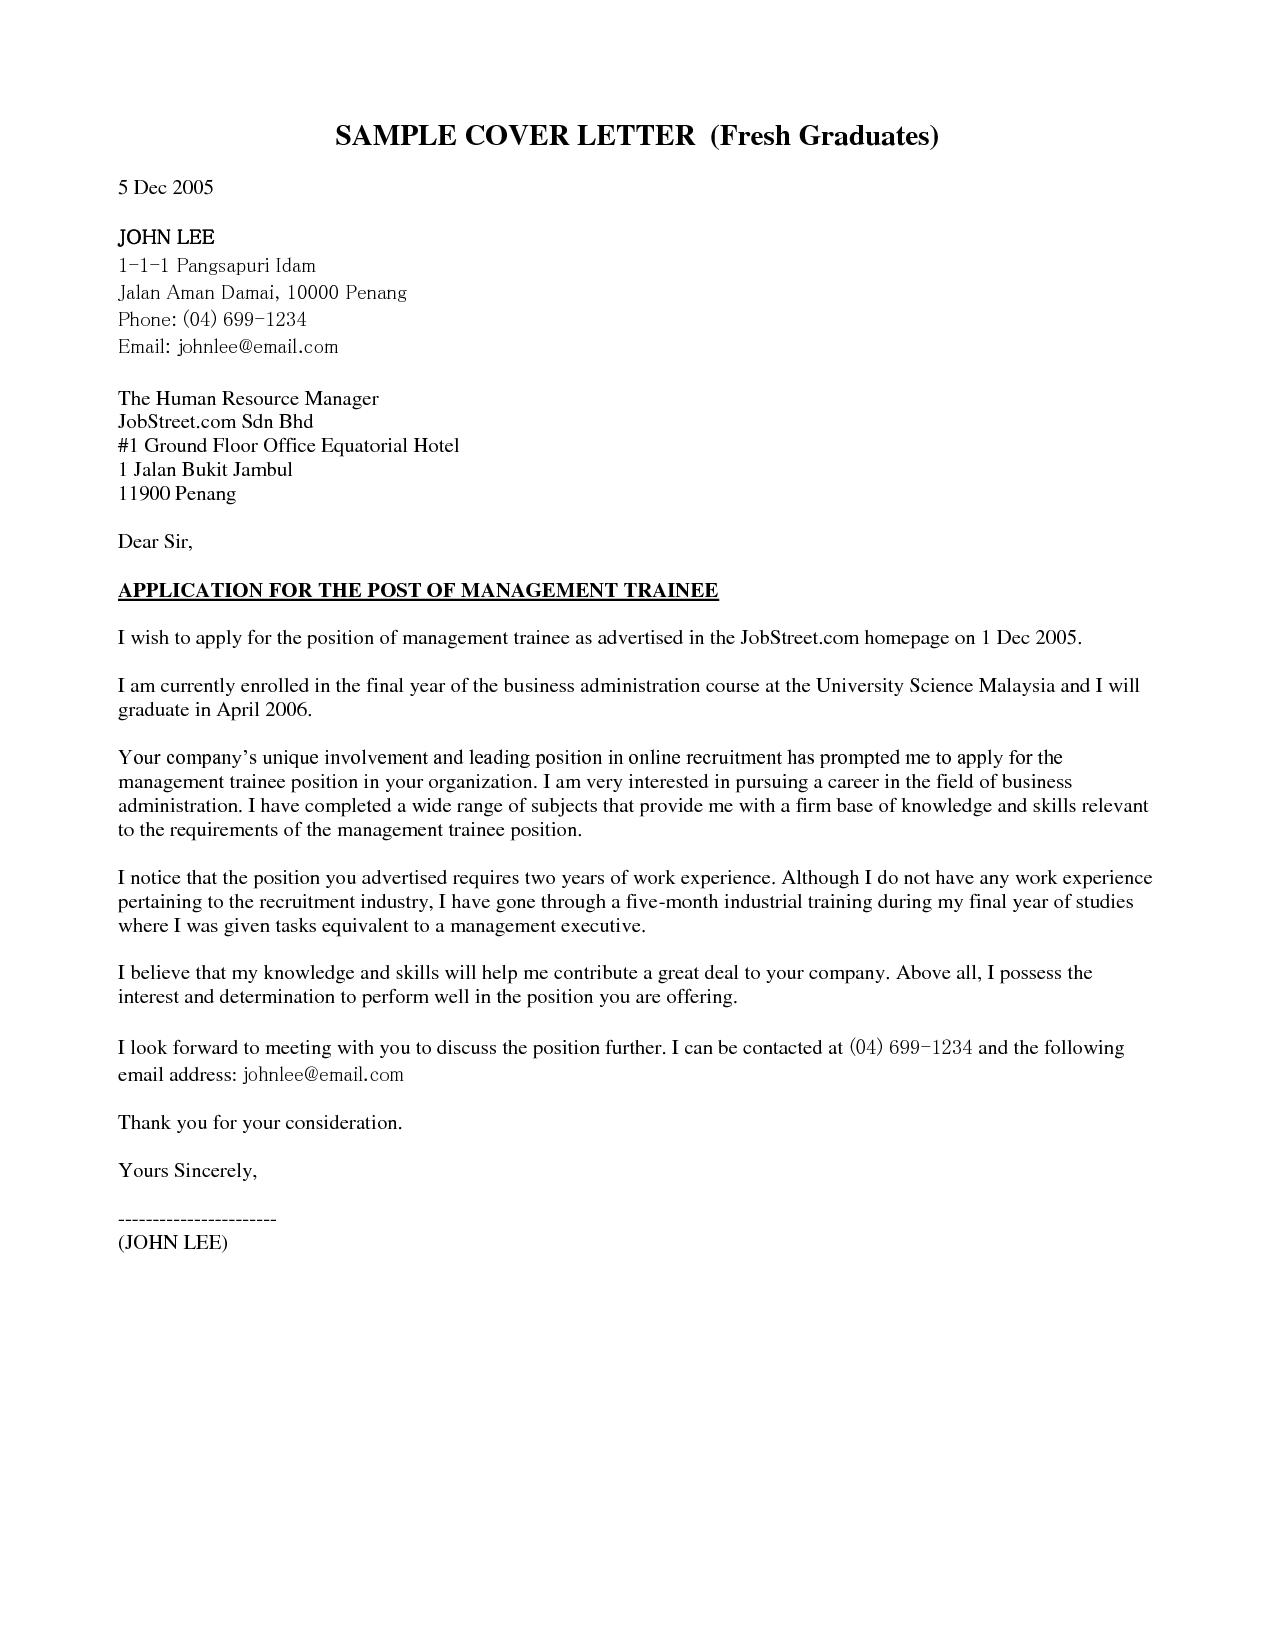 Application Letter For Fresh Graduate Marketing Resume